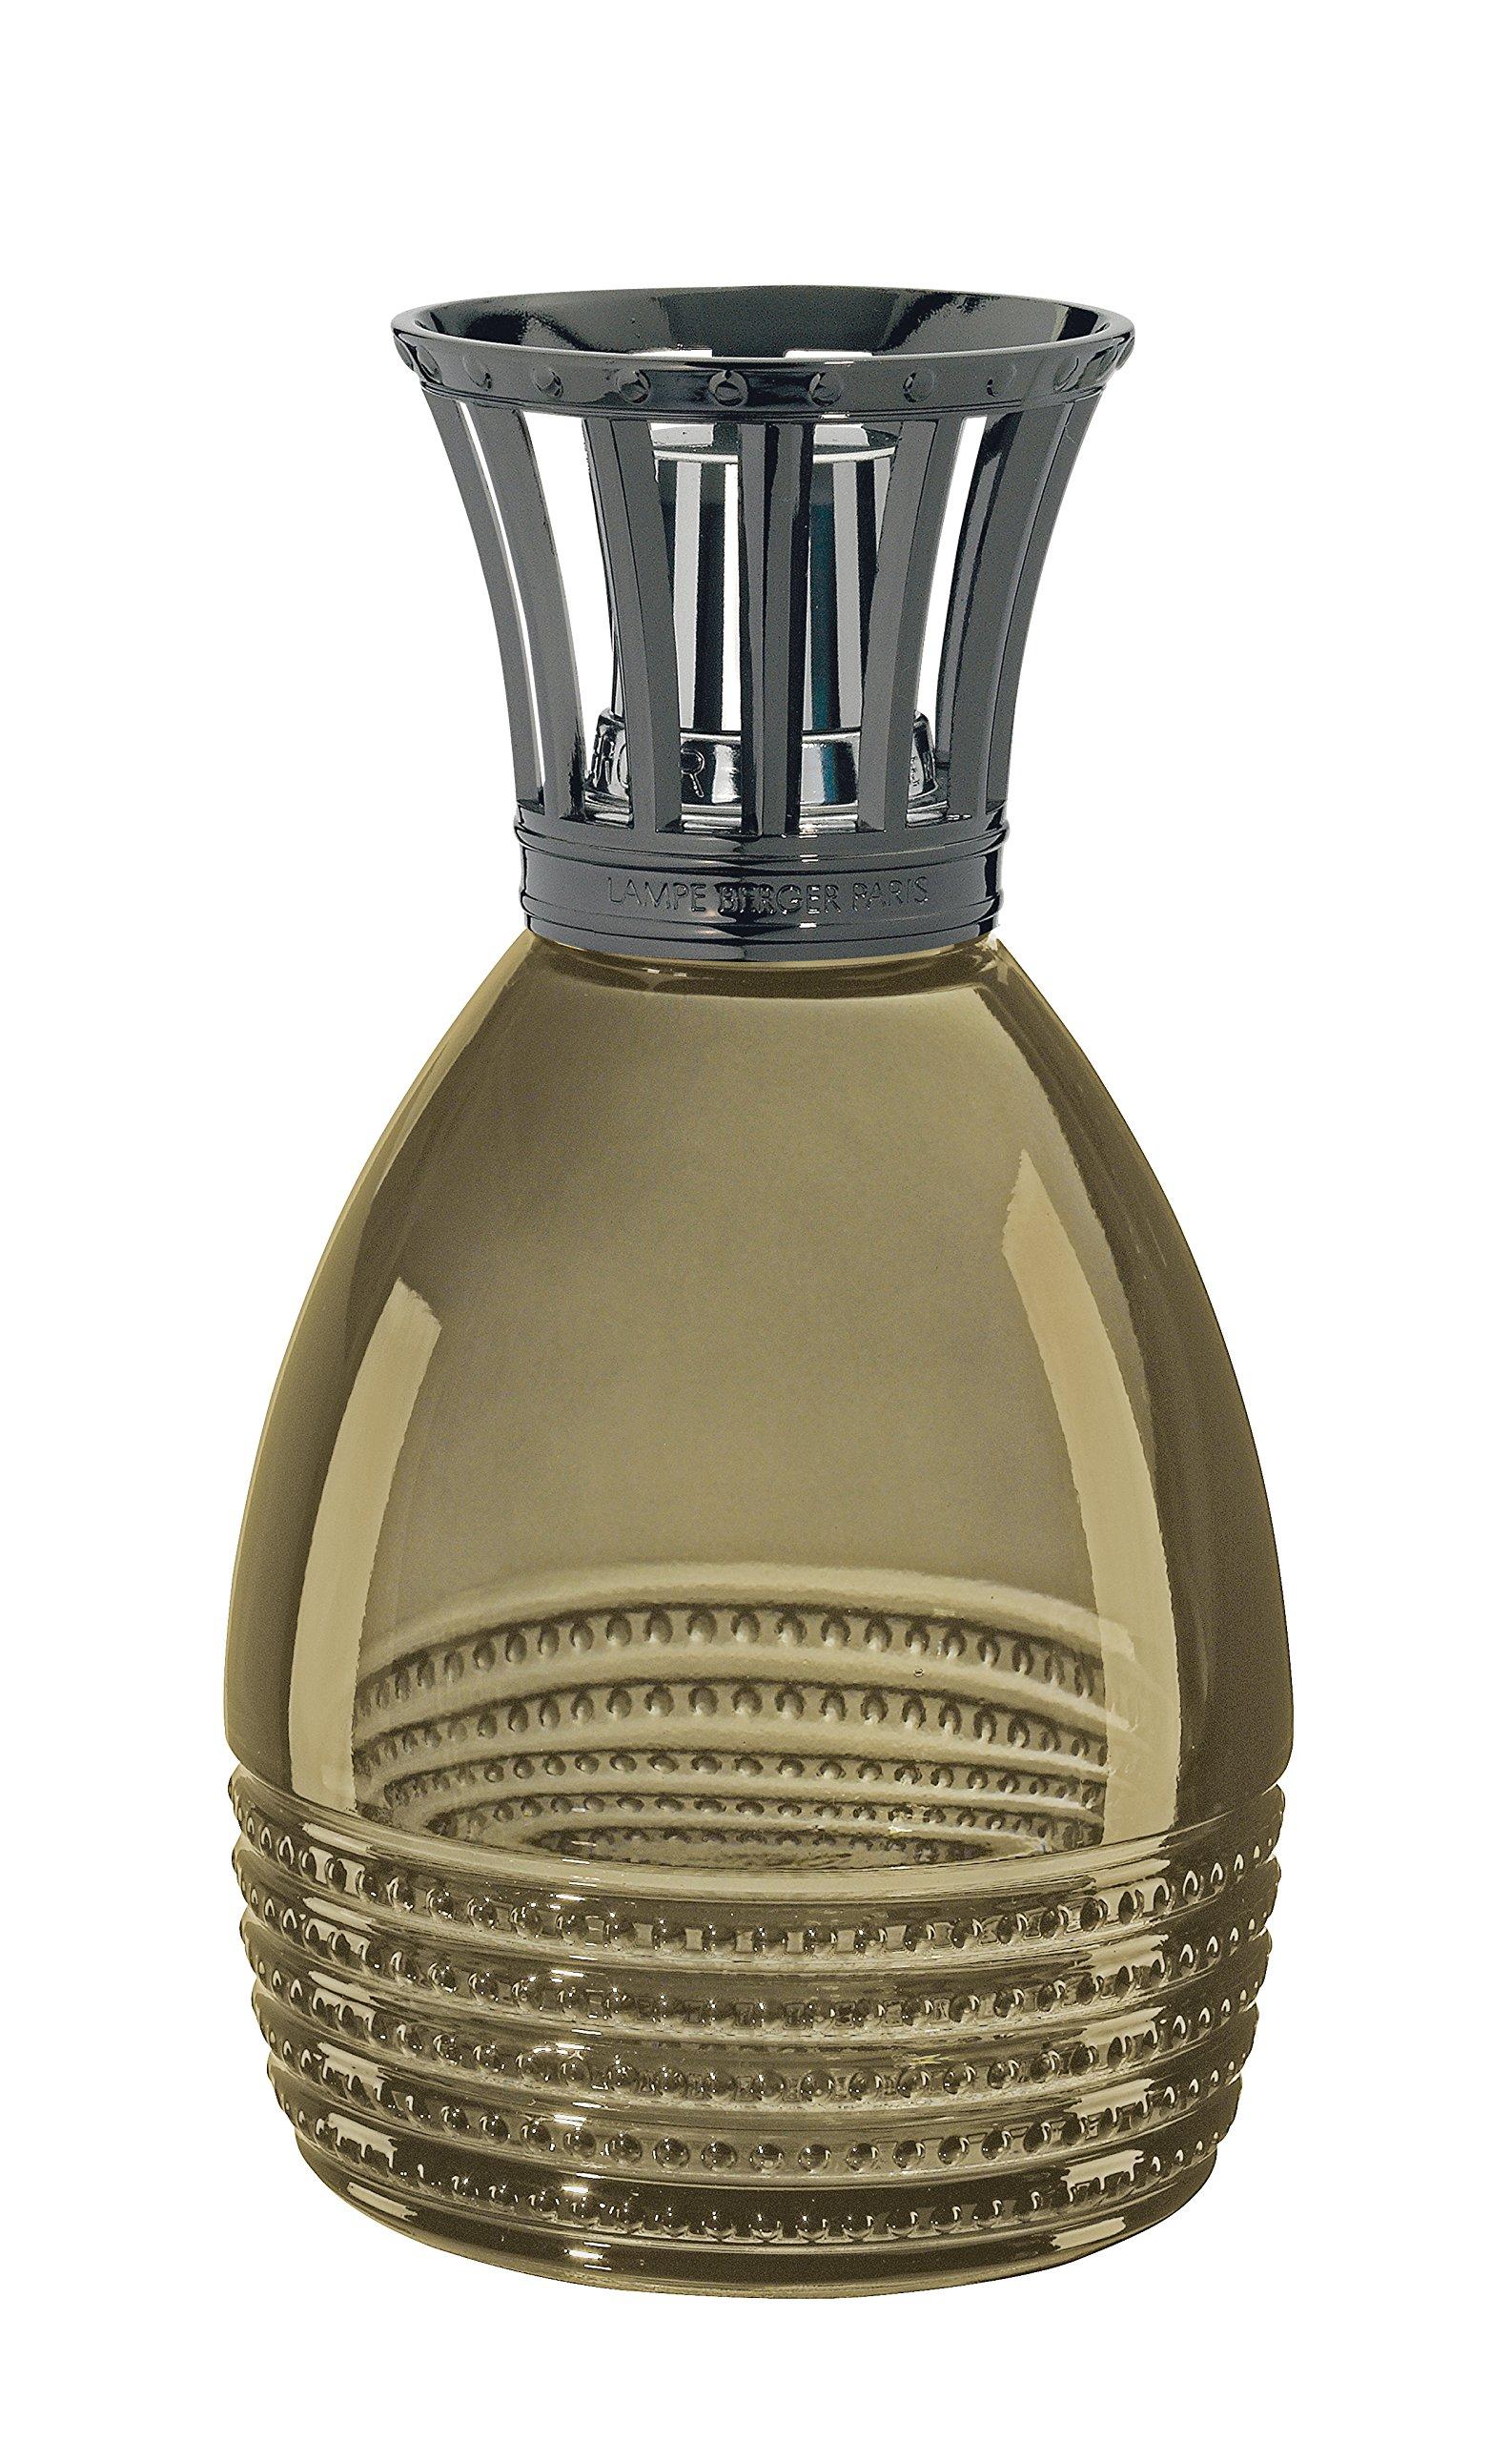 Lampe Berger 114447 Perle Hazlenut lamp - Perle Hazlenut